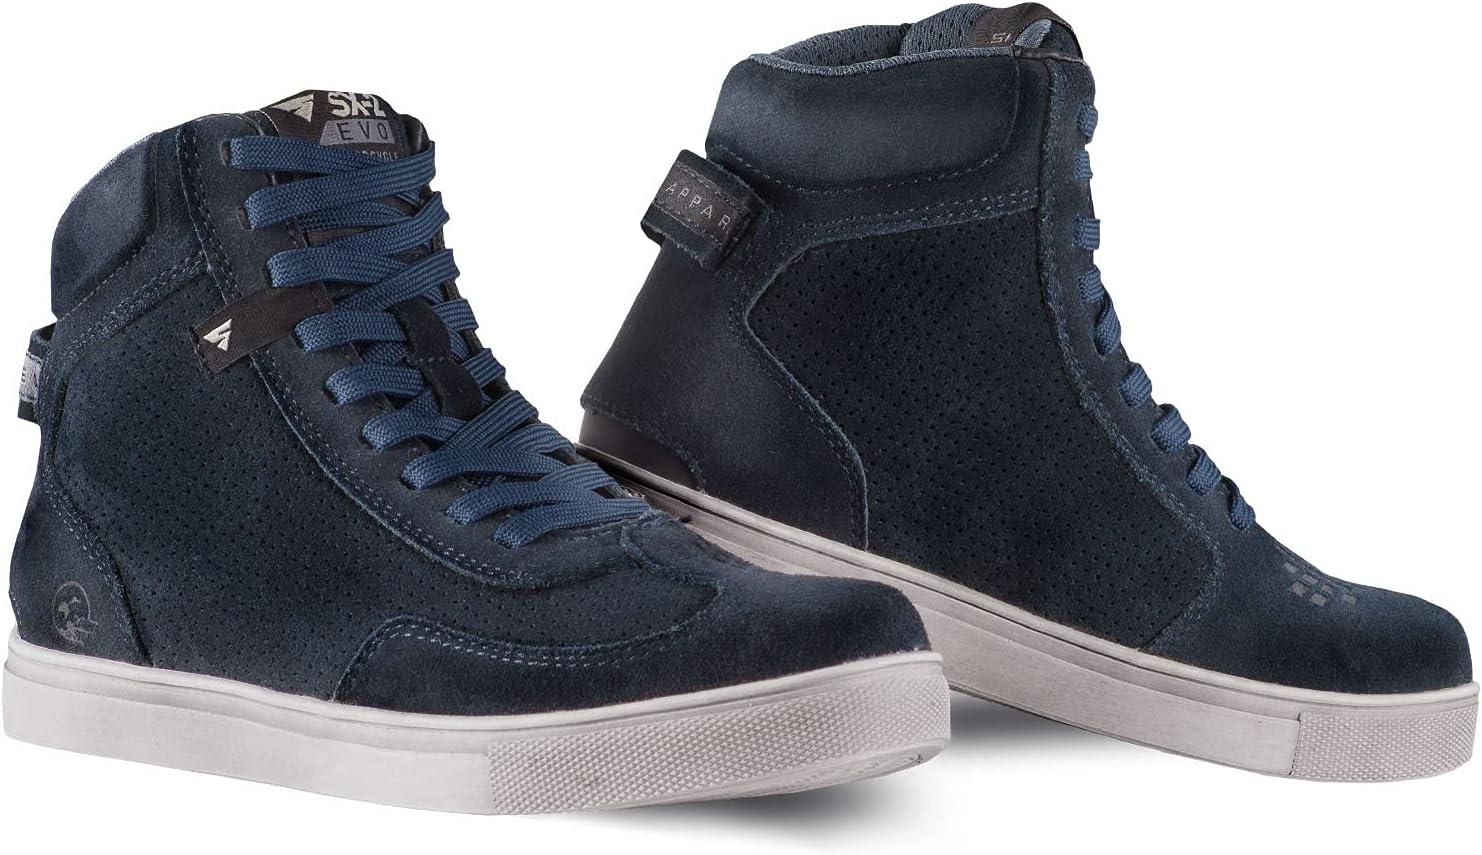 SHIMA SX-2 EVO LADY Botas Moto Mujere - Zapatillas Moto de Cuero, Transpirables, Reforzados con Soporte el Tobillo, Suela Antideslizante, Almohadilla el Engranaje (Azul, 40)